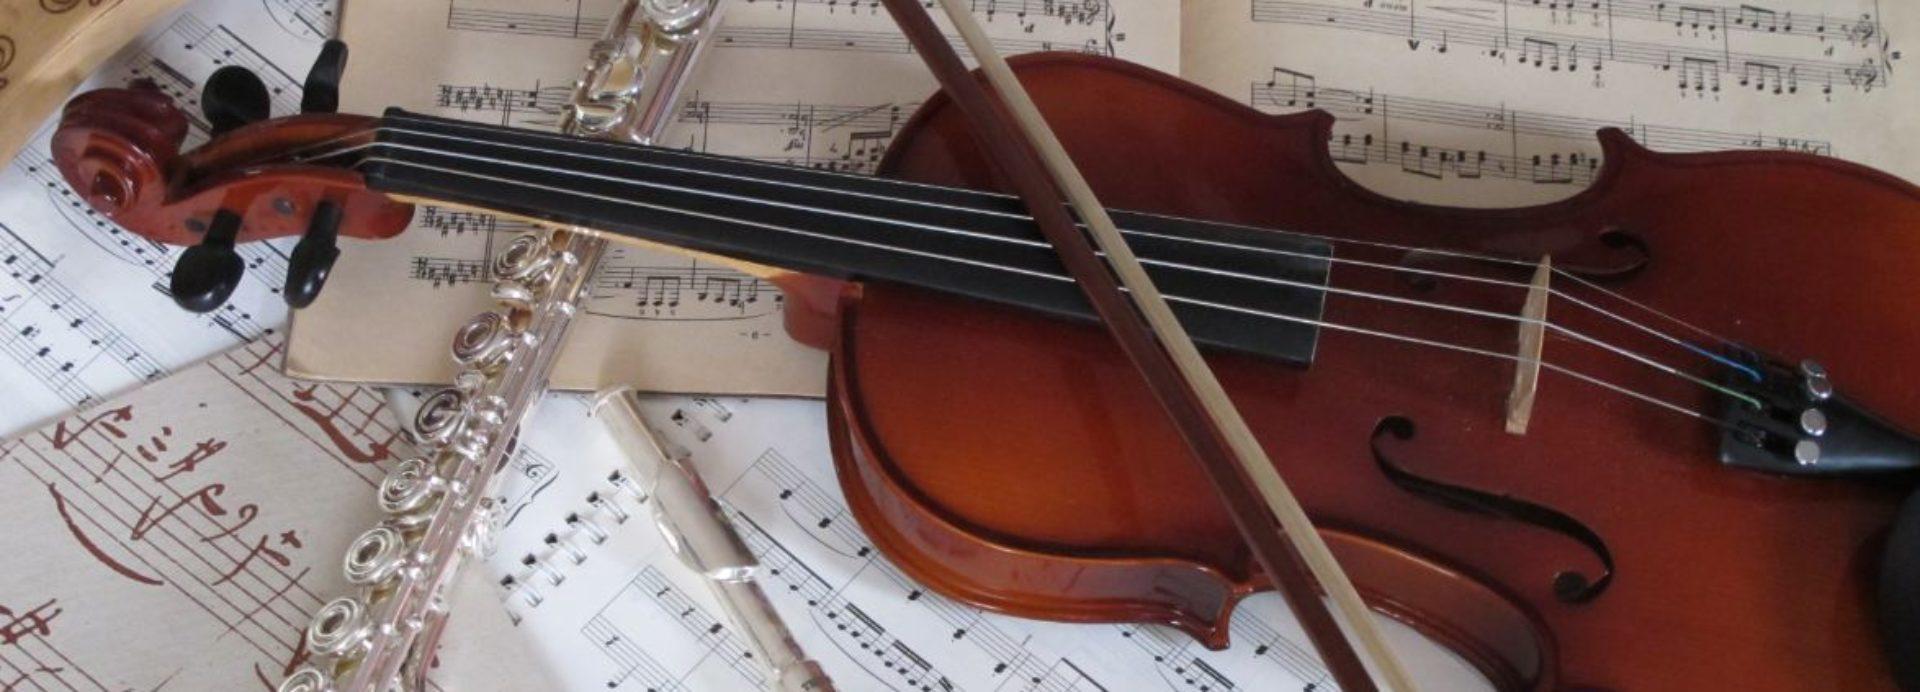 Association pour la Promotion et l'Enseignement de la Musique